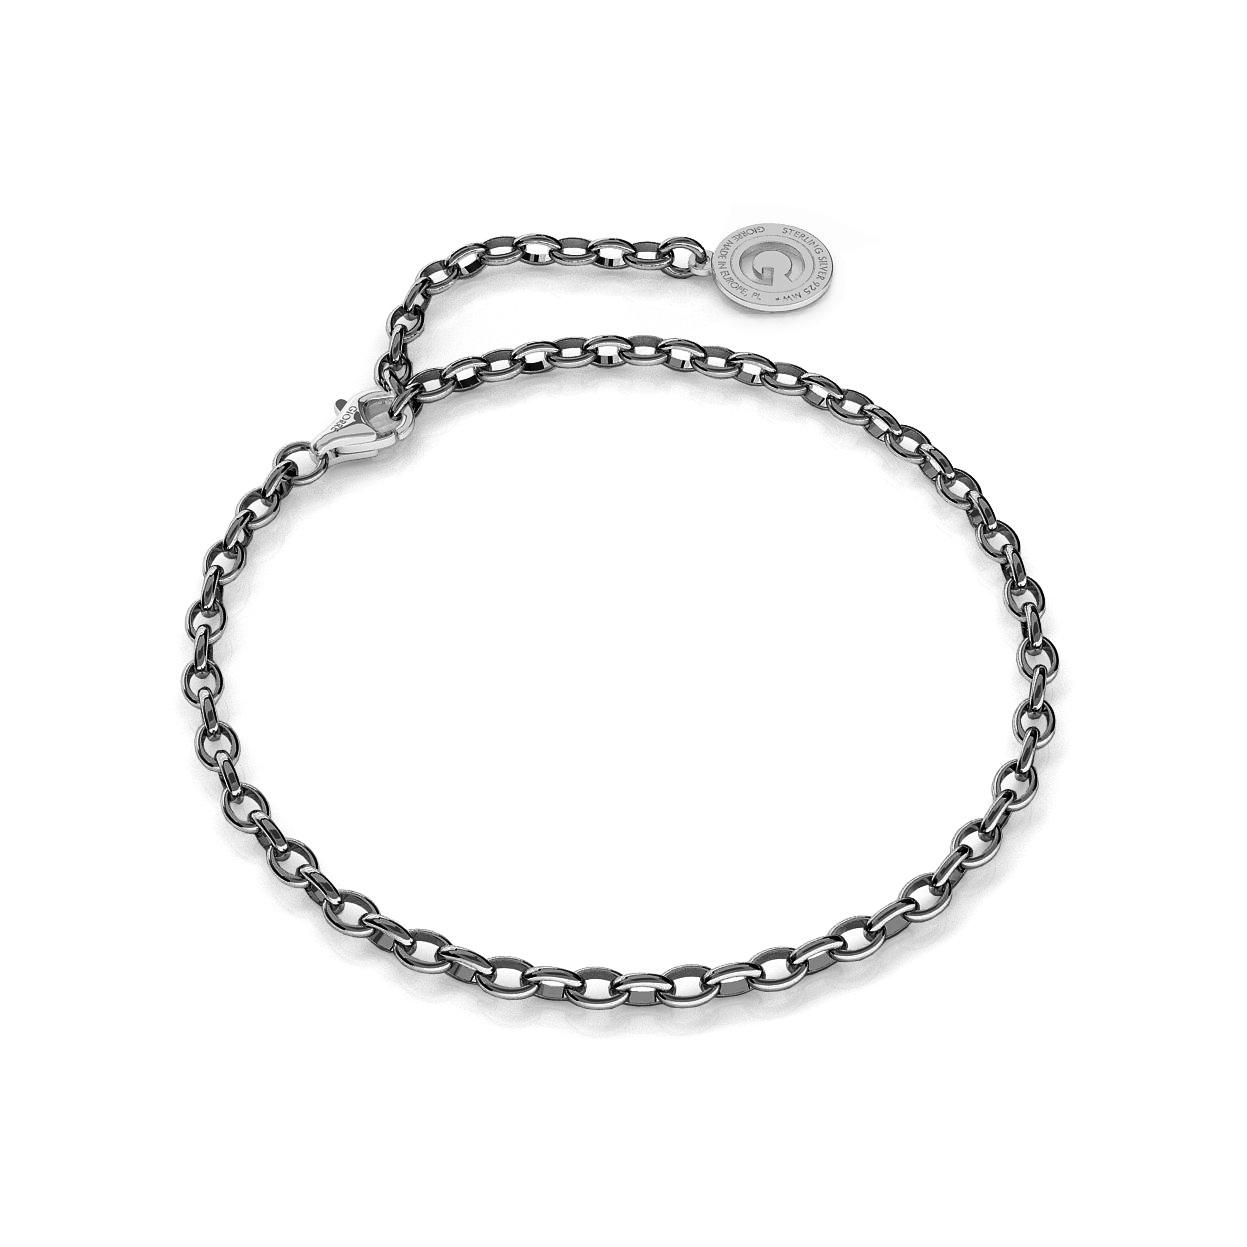 Bracelet en argent 16-24 cm rhodium claire, fermoir rhodium claire, lien 4x3 mm